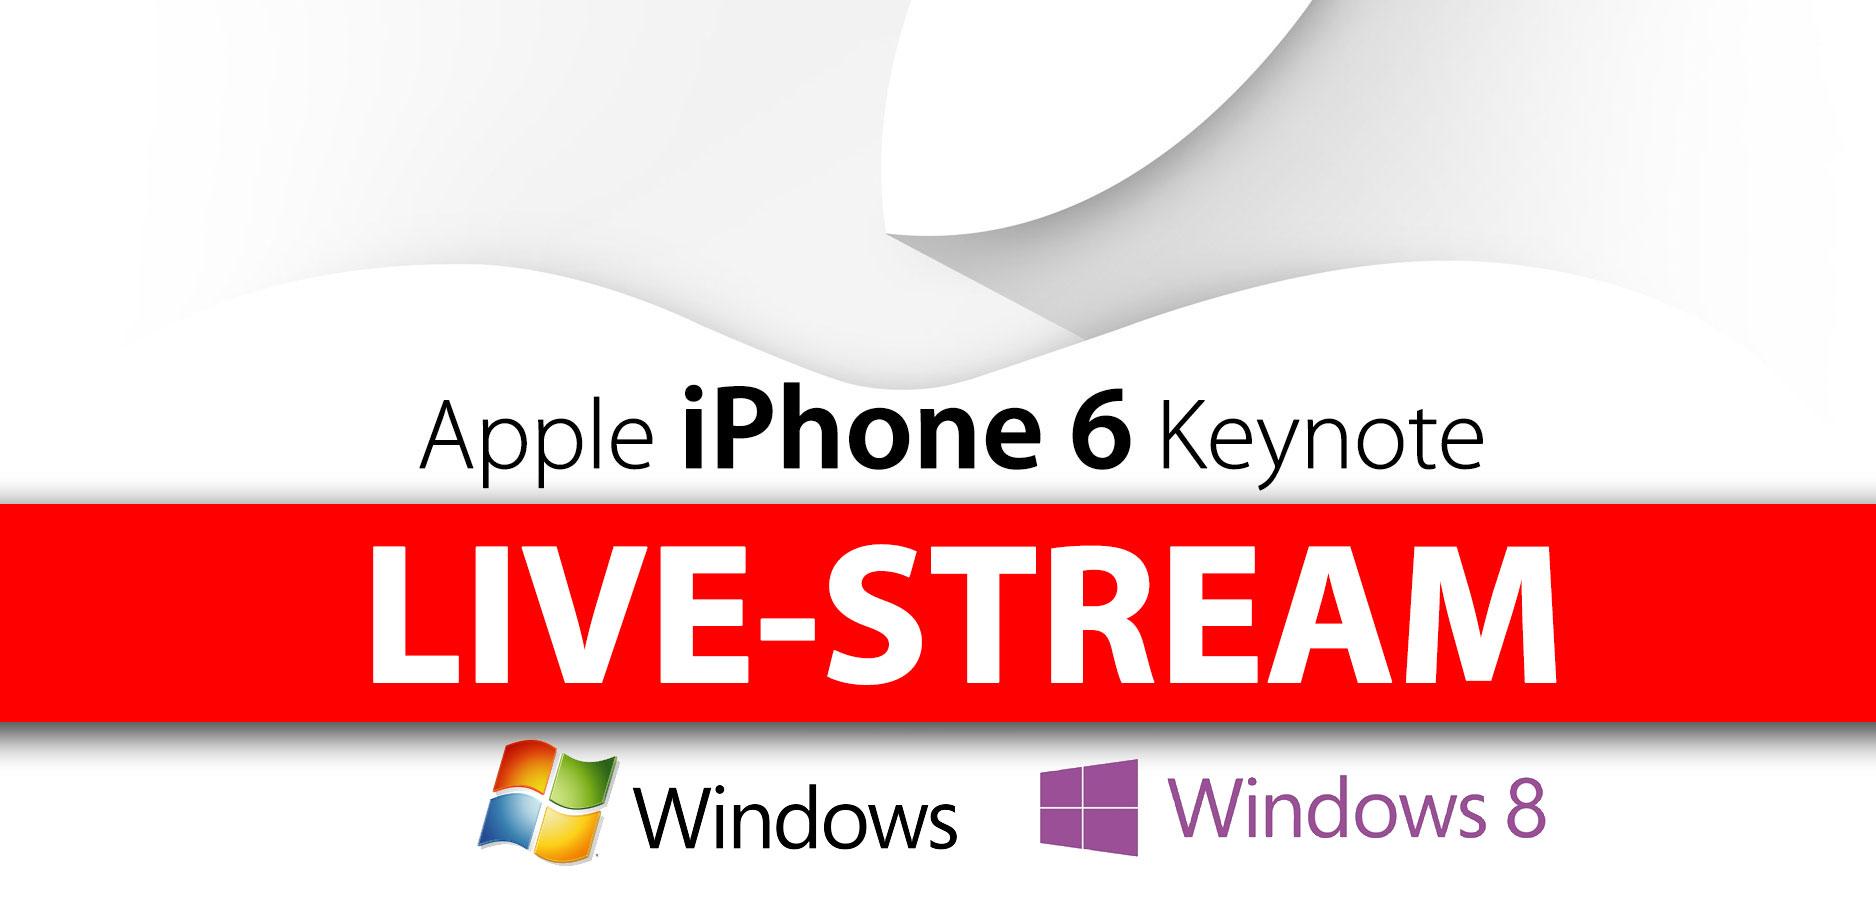 Apple Keynote: Livestream für Windows? 8